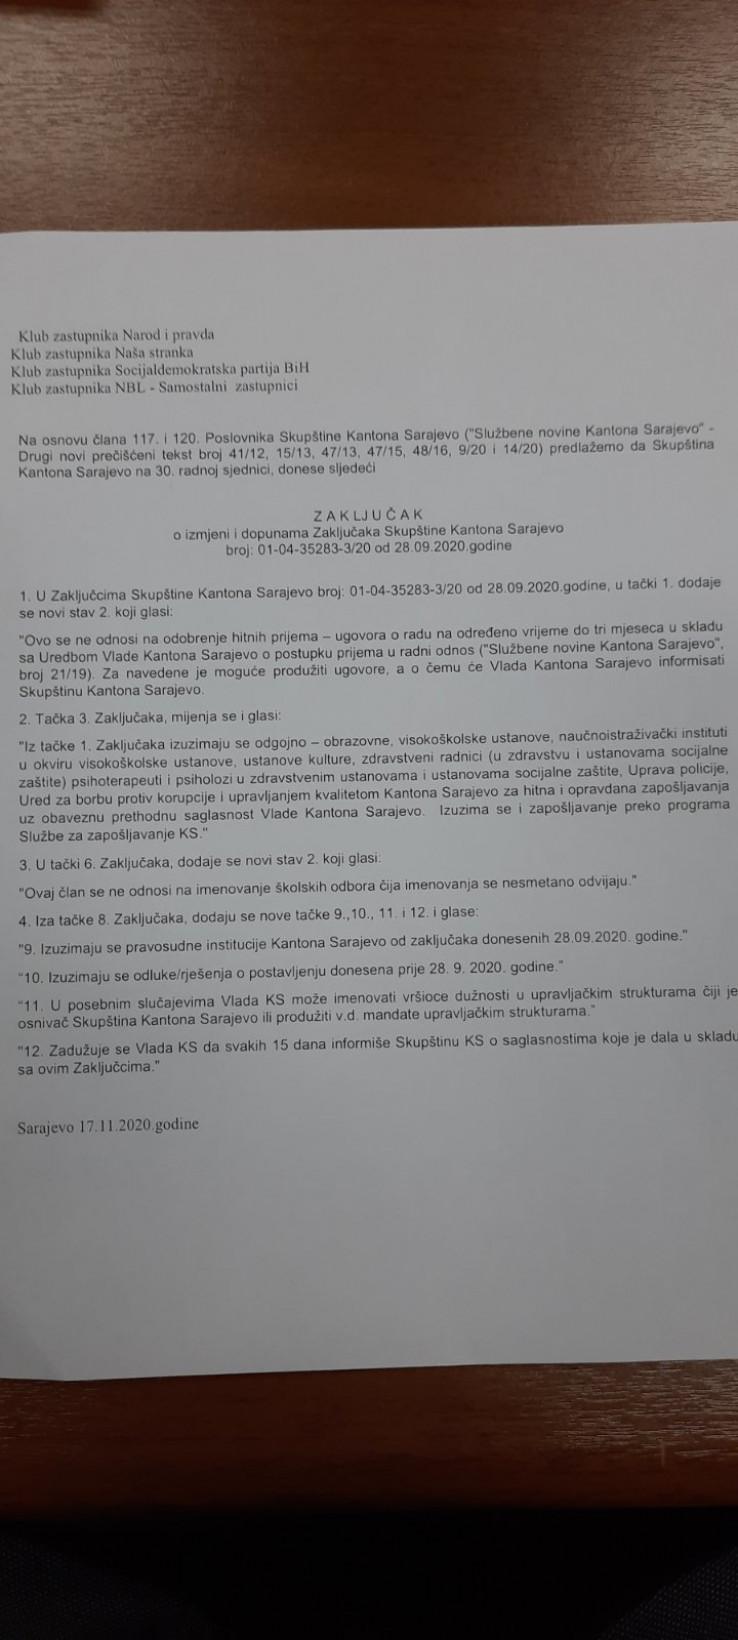 Zaključak o izmjeni i dopunama Zaključaka Skupštine KS